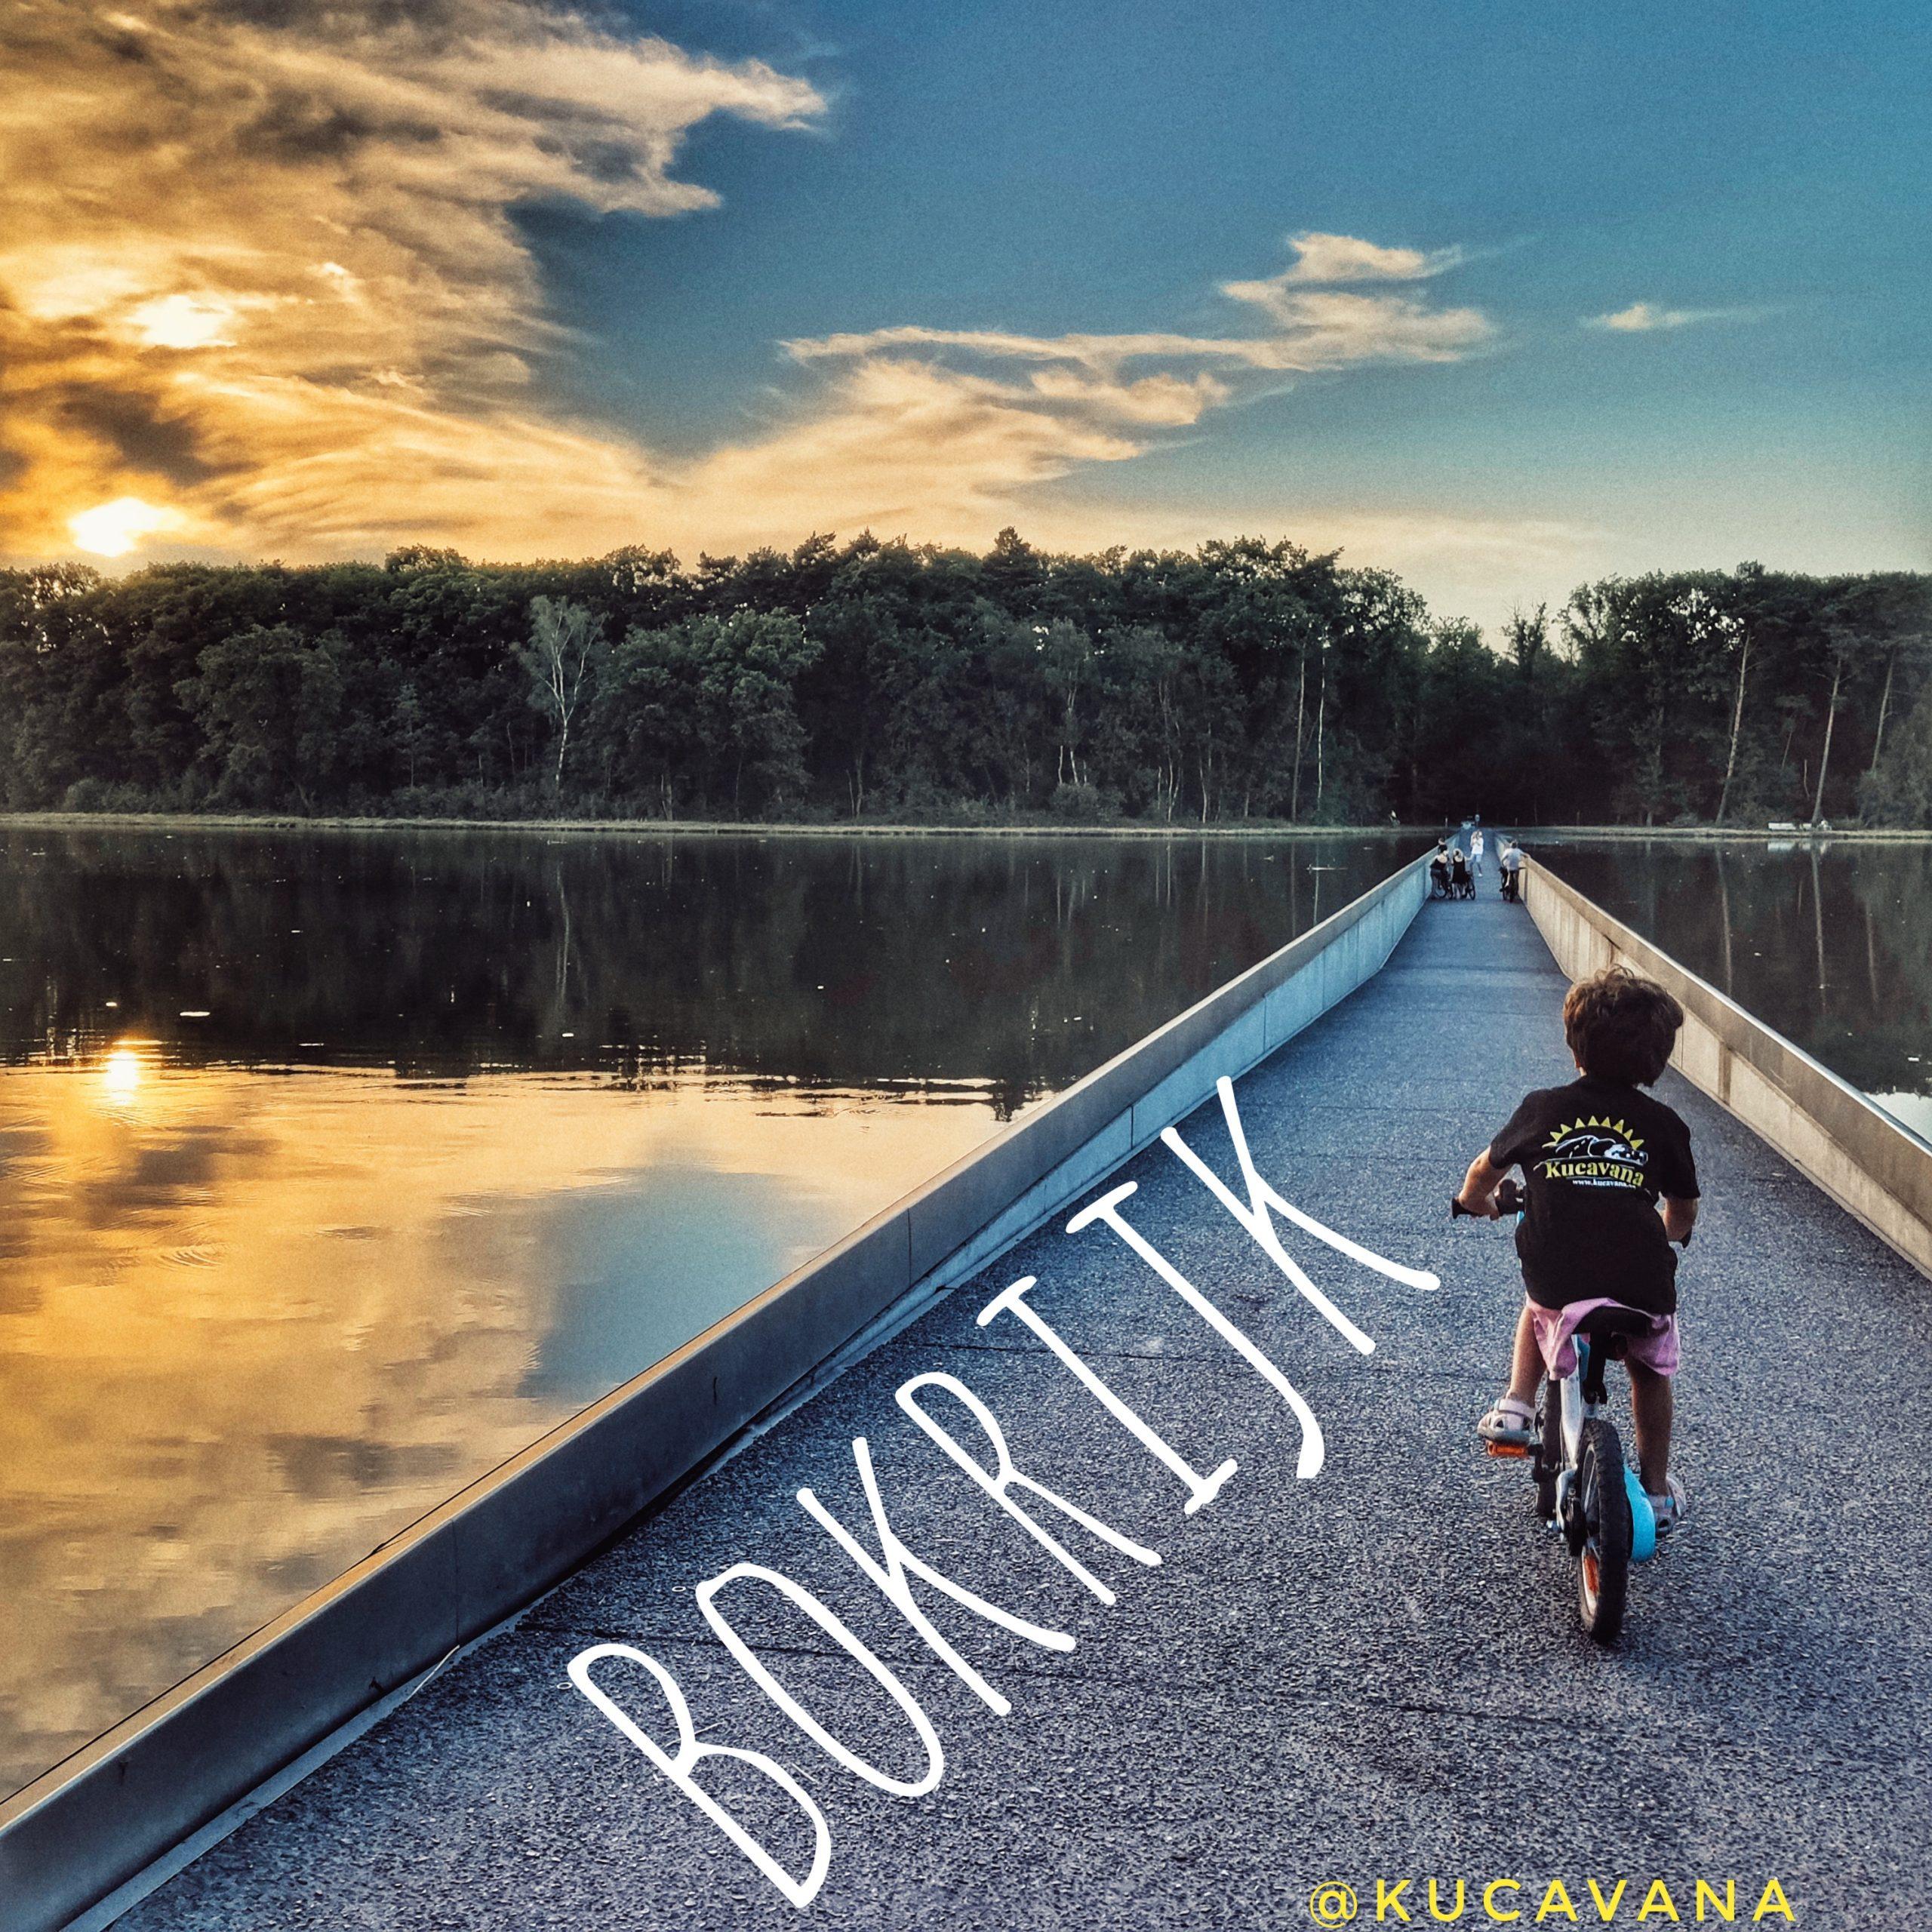 Bokrijk Fietsen Door de Bomen, una ruta en bicicleta entre el agua